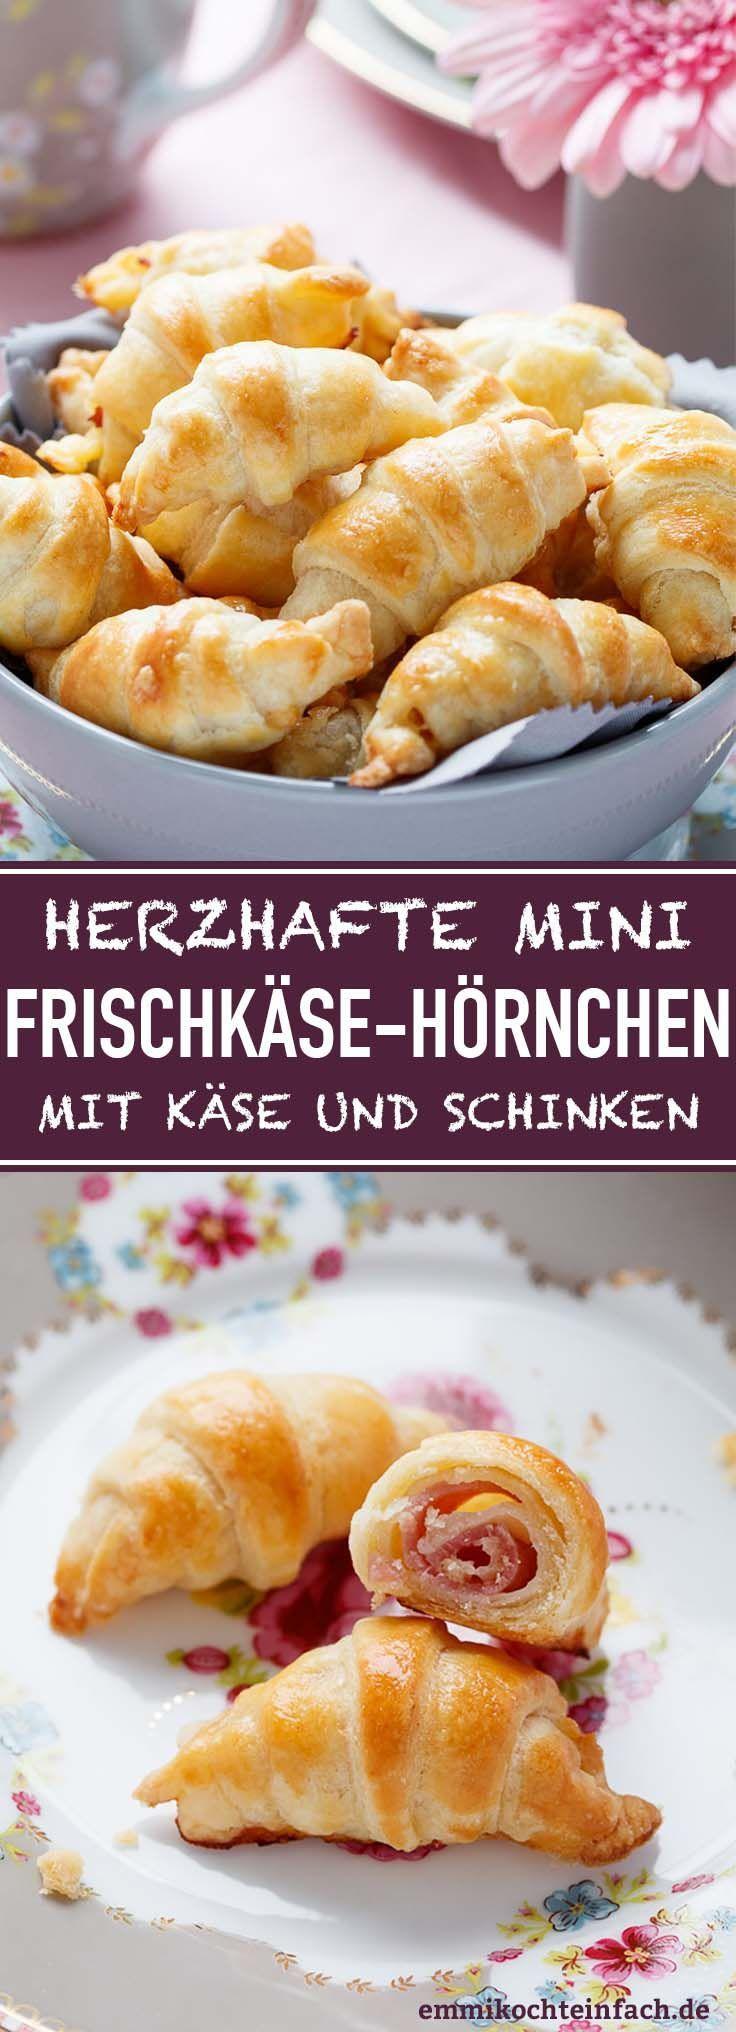 Mini Frischkäse Hörnchen mit Käse und Schinken